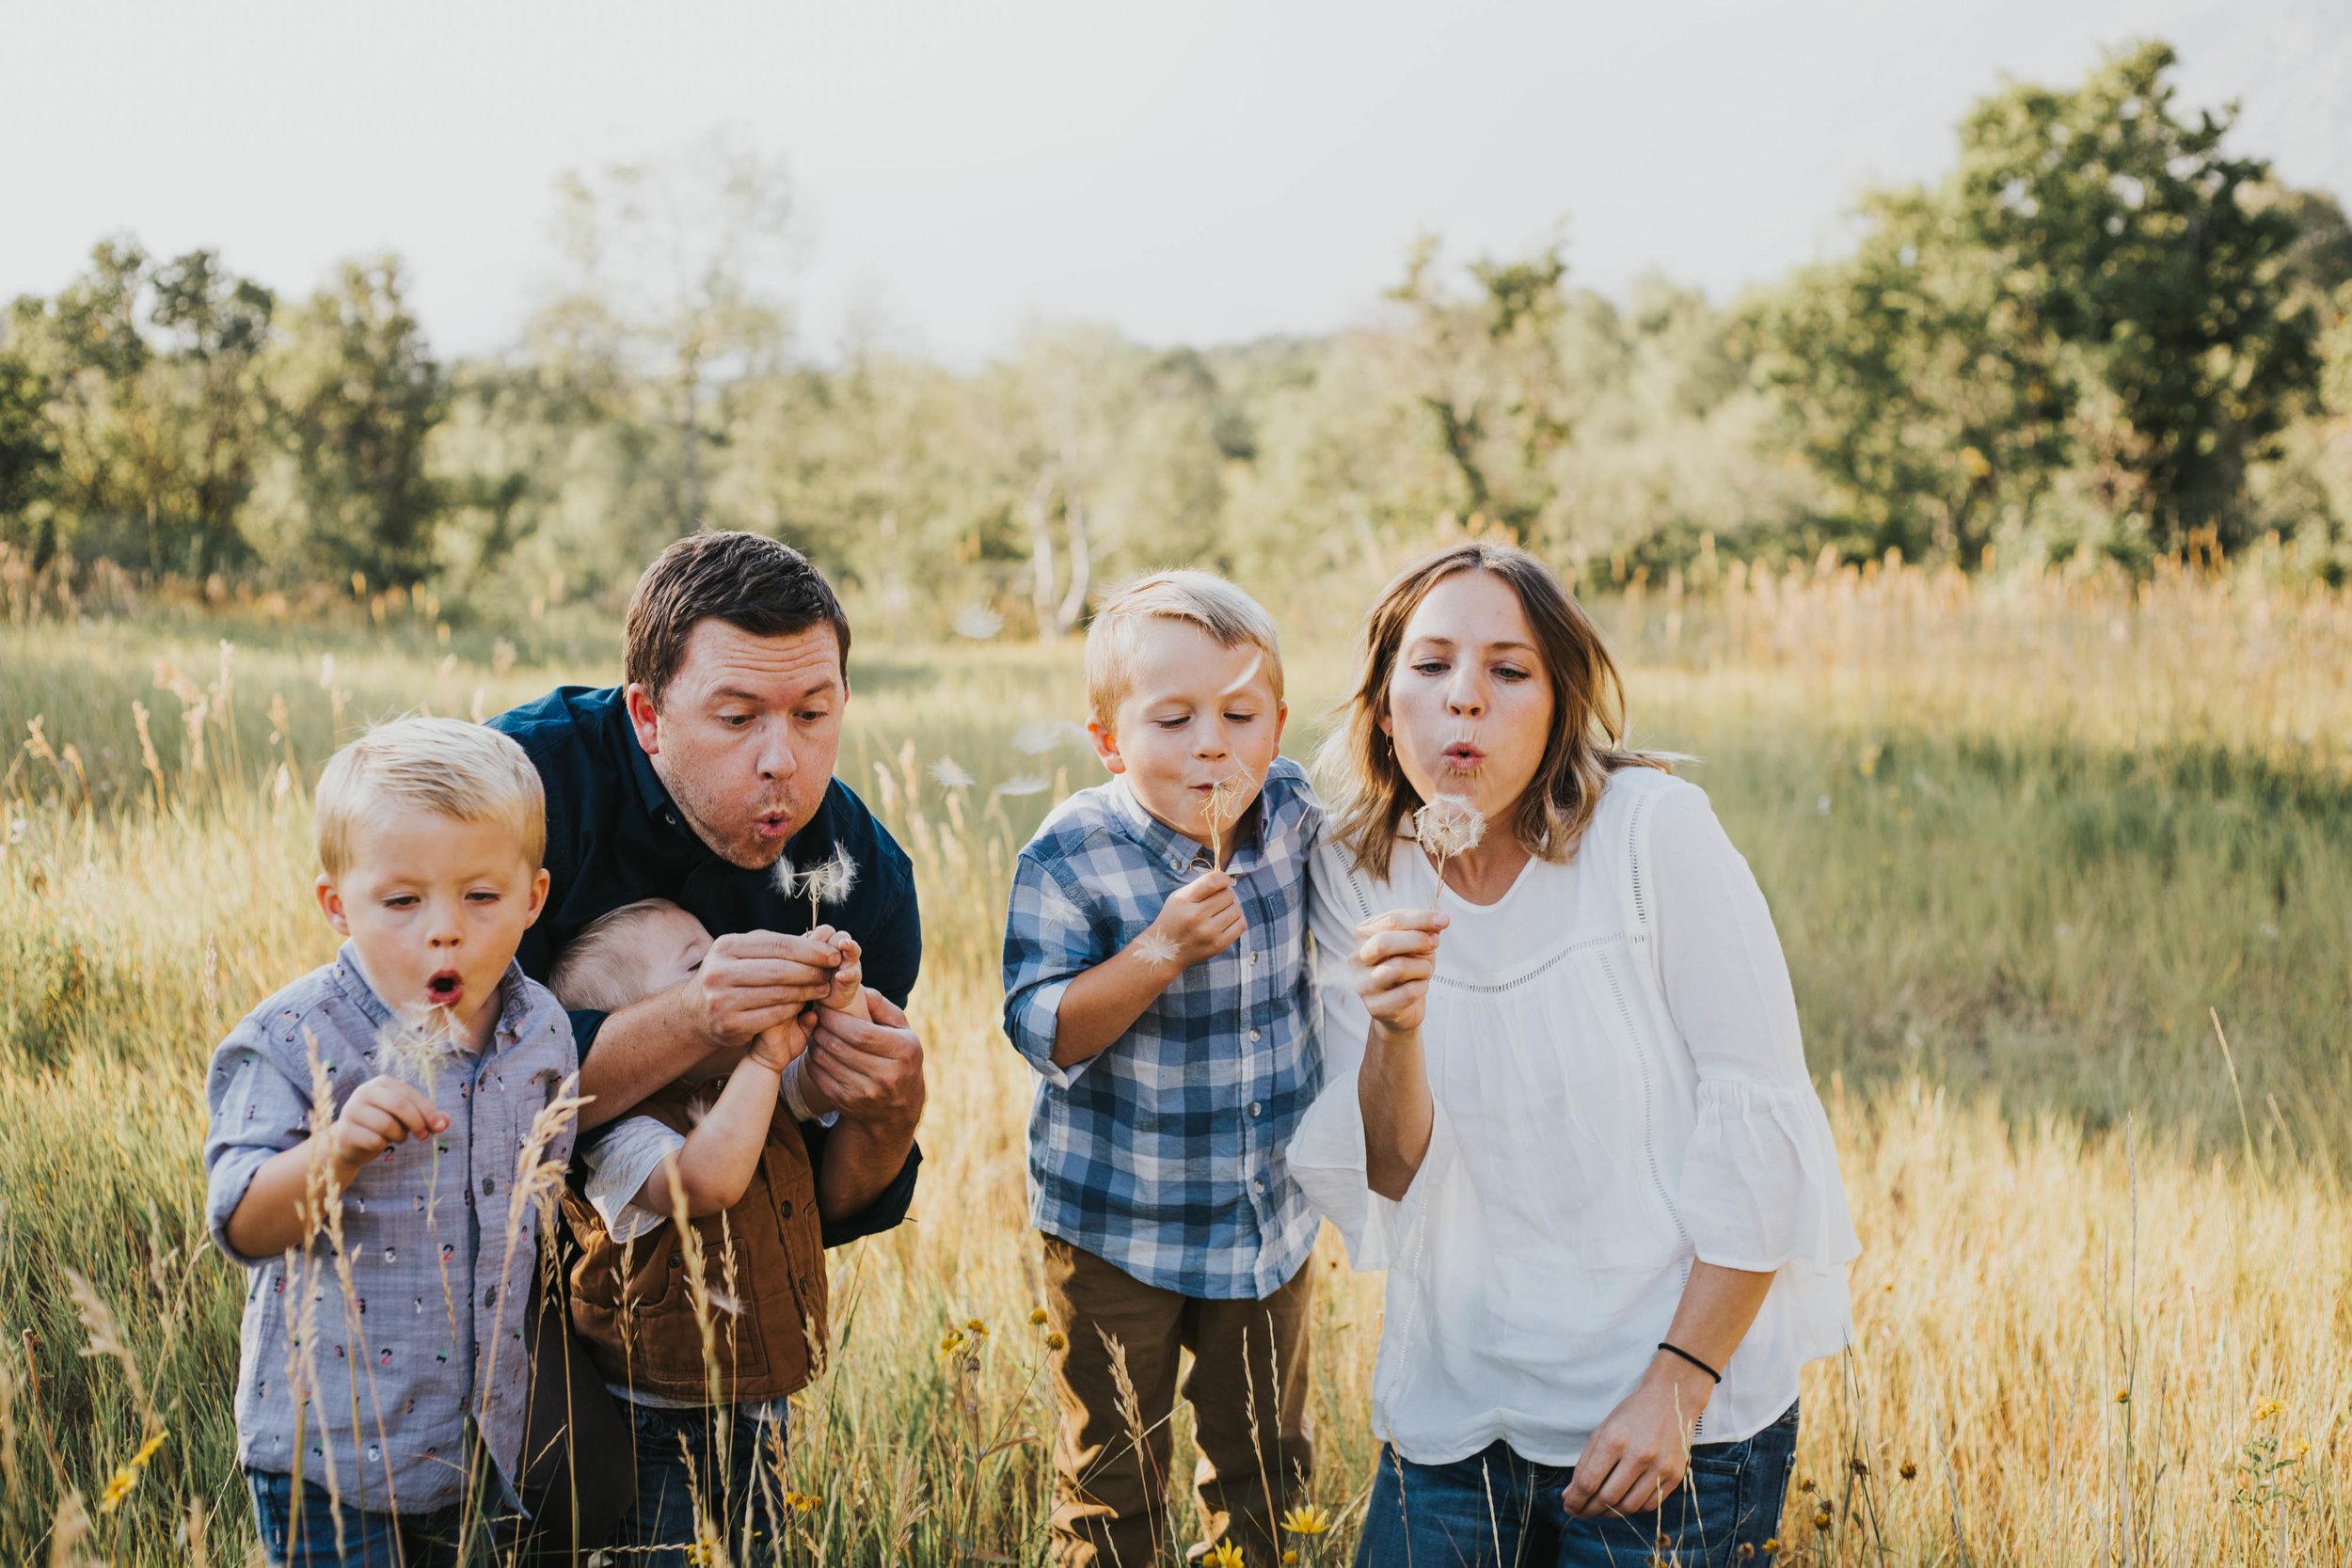 RachelamyphotographyEric&JenWilliamsfamilypictures-55.jpg